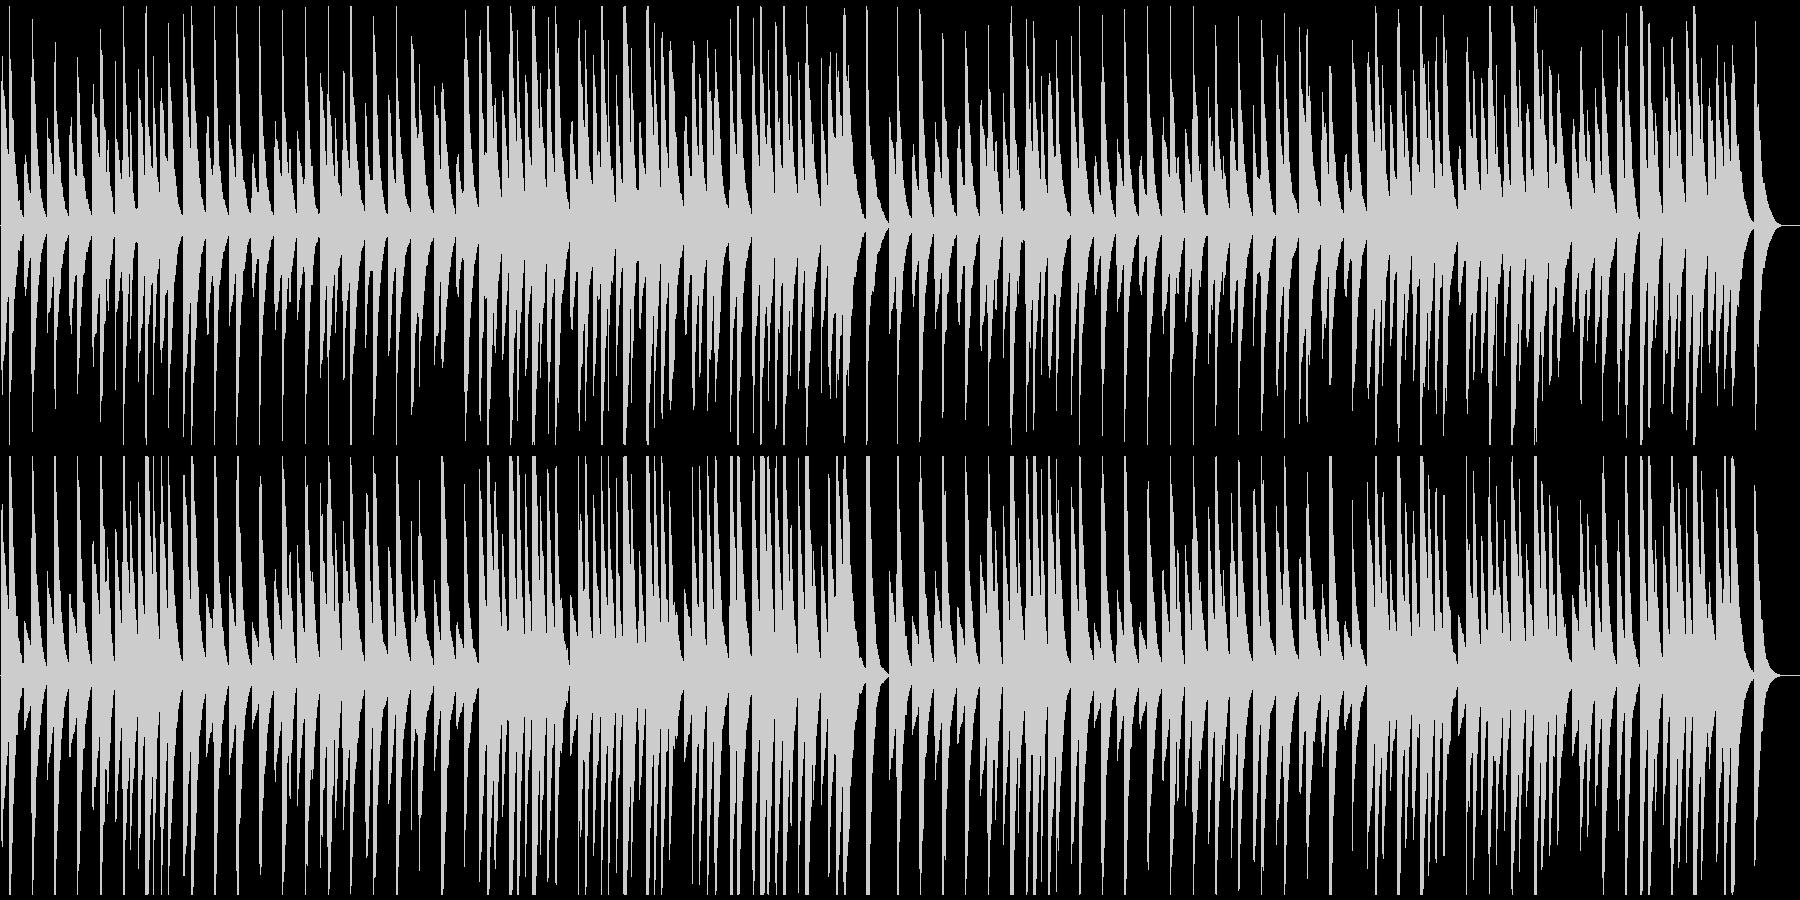 ★サティ★ジムノペディ第1番★ピアノ★Bの未再生の波形